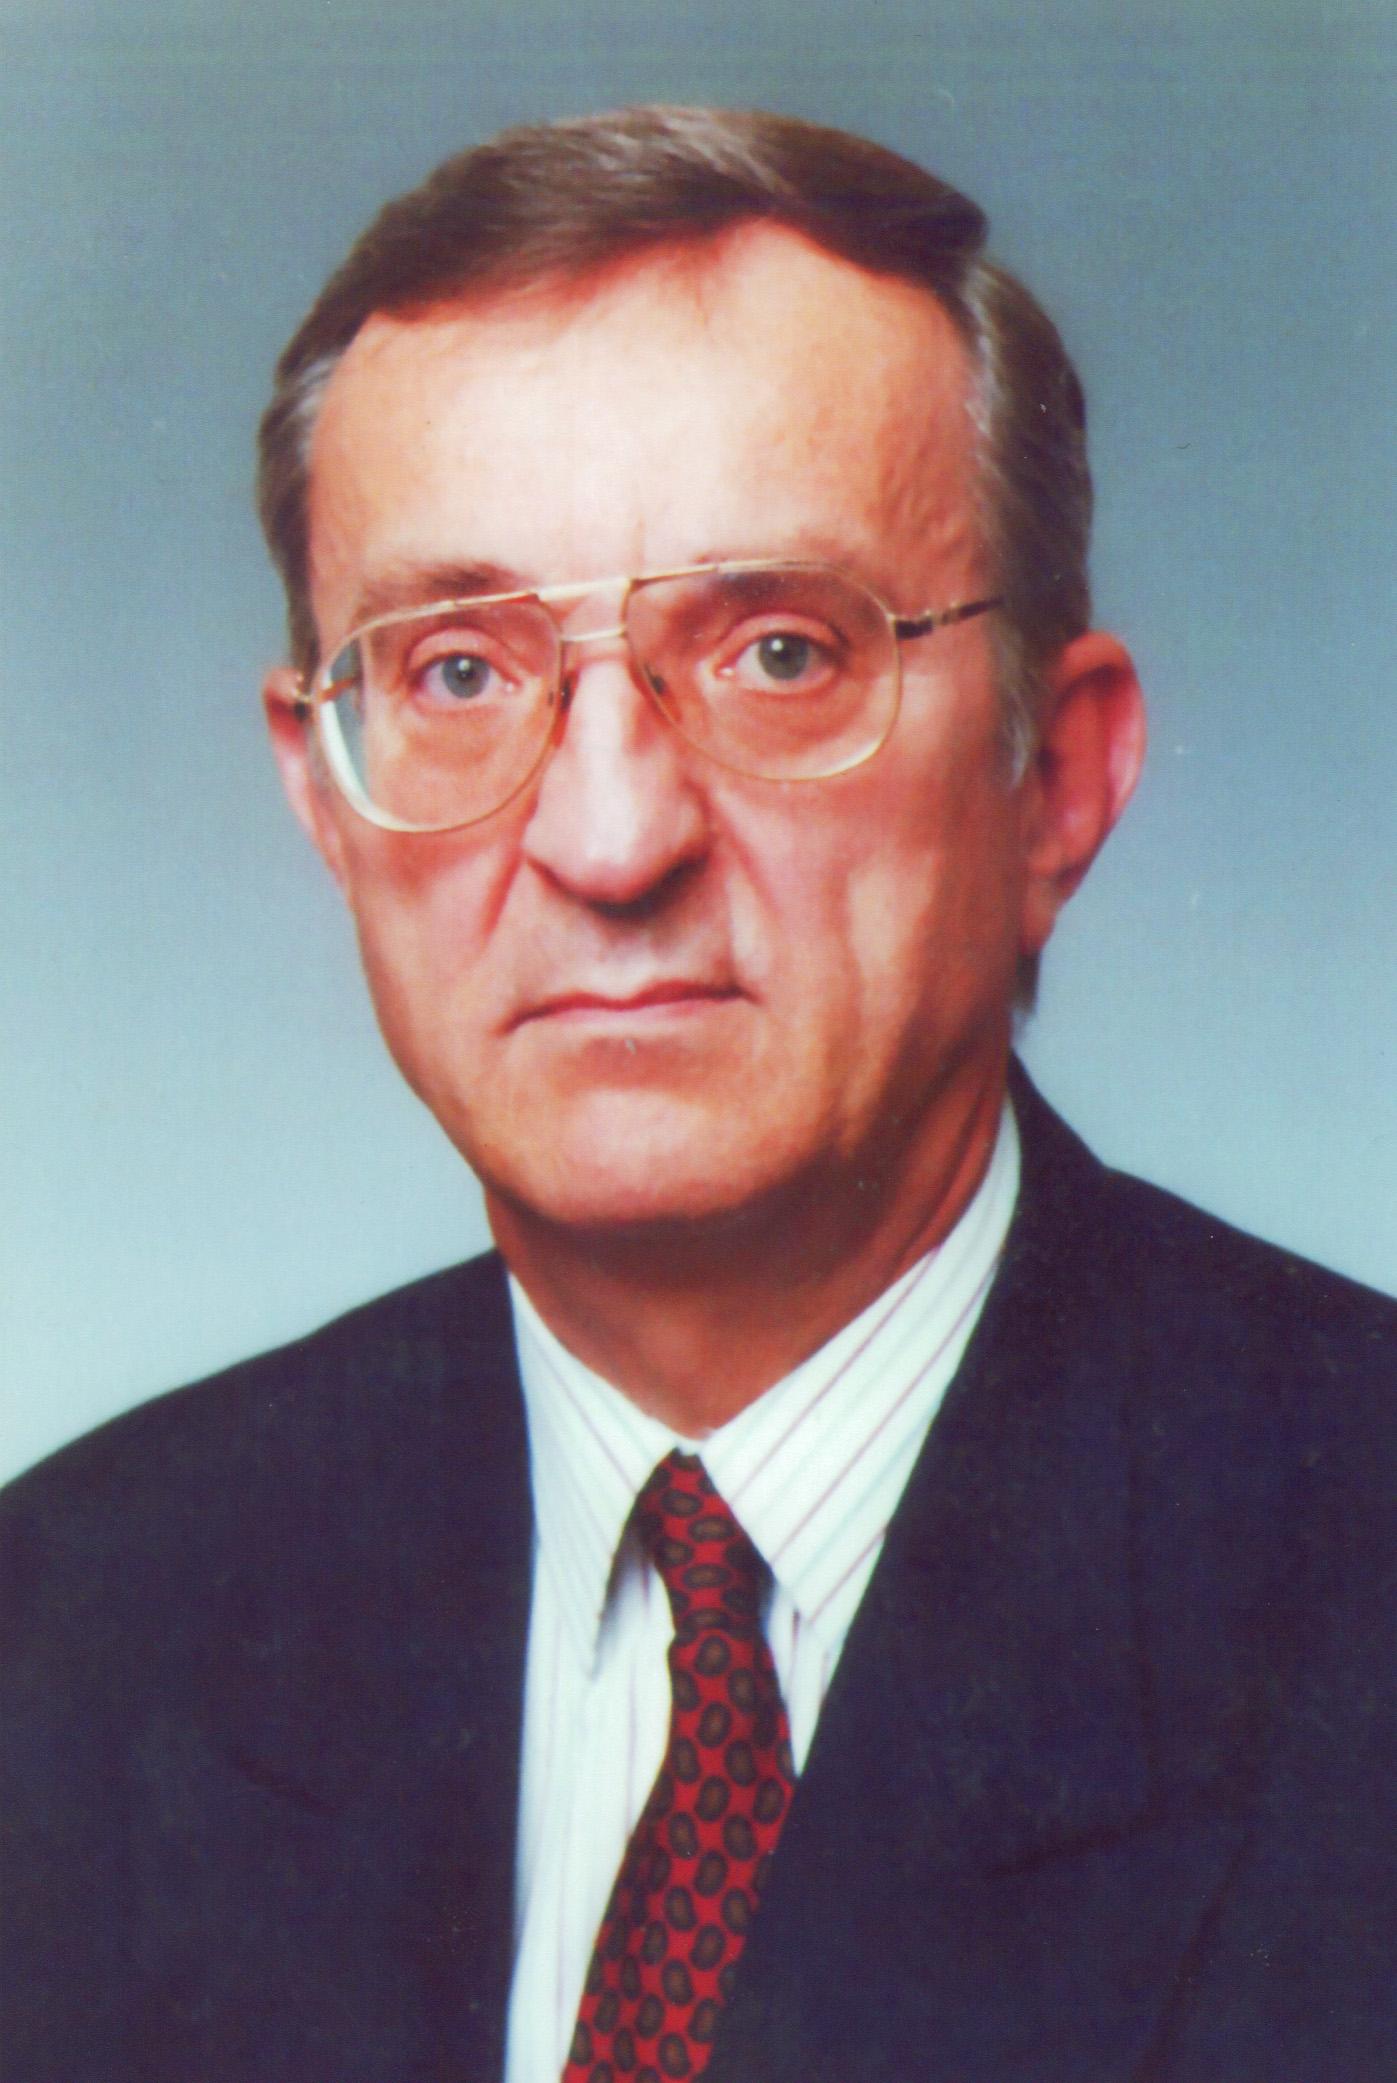 Miodrag Orlić